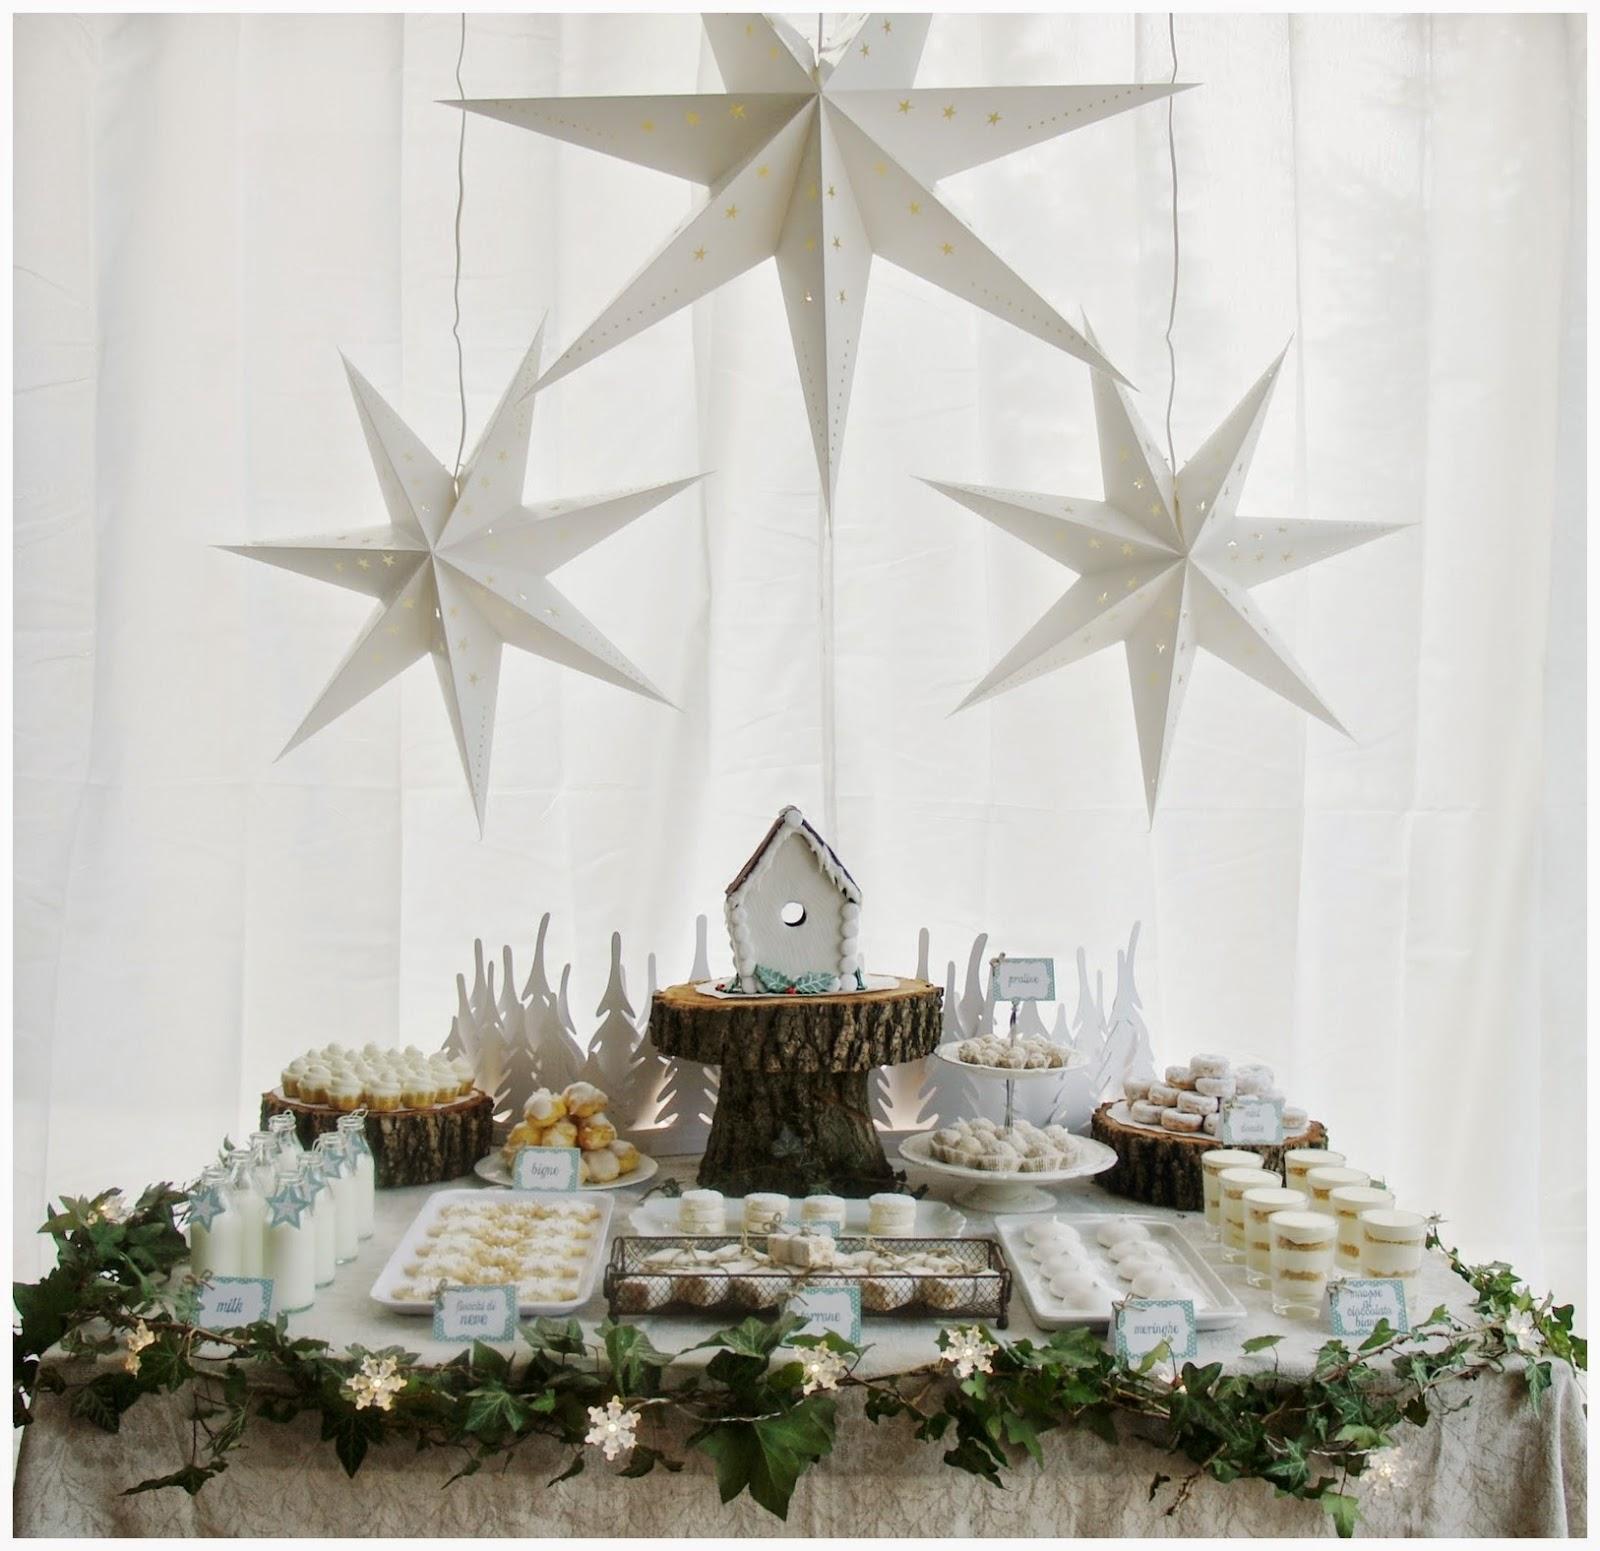 Decoracion para mesa de dulces for Decoracion para decorar